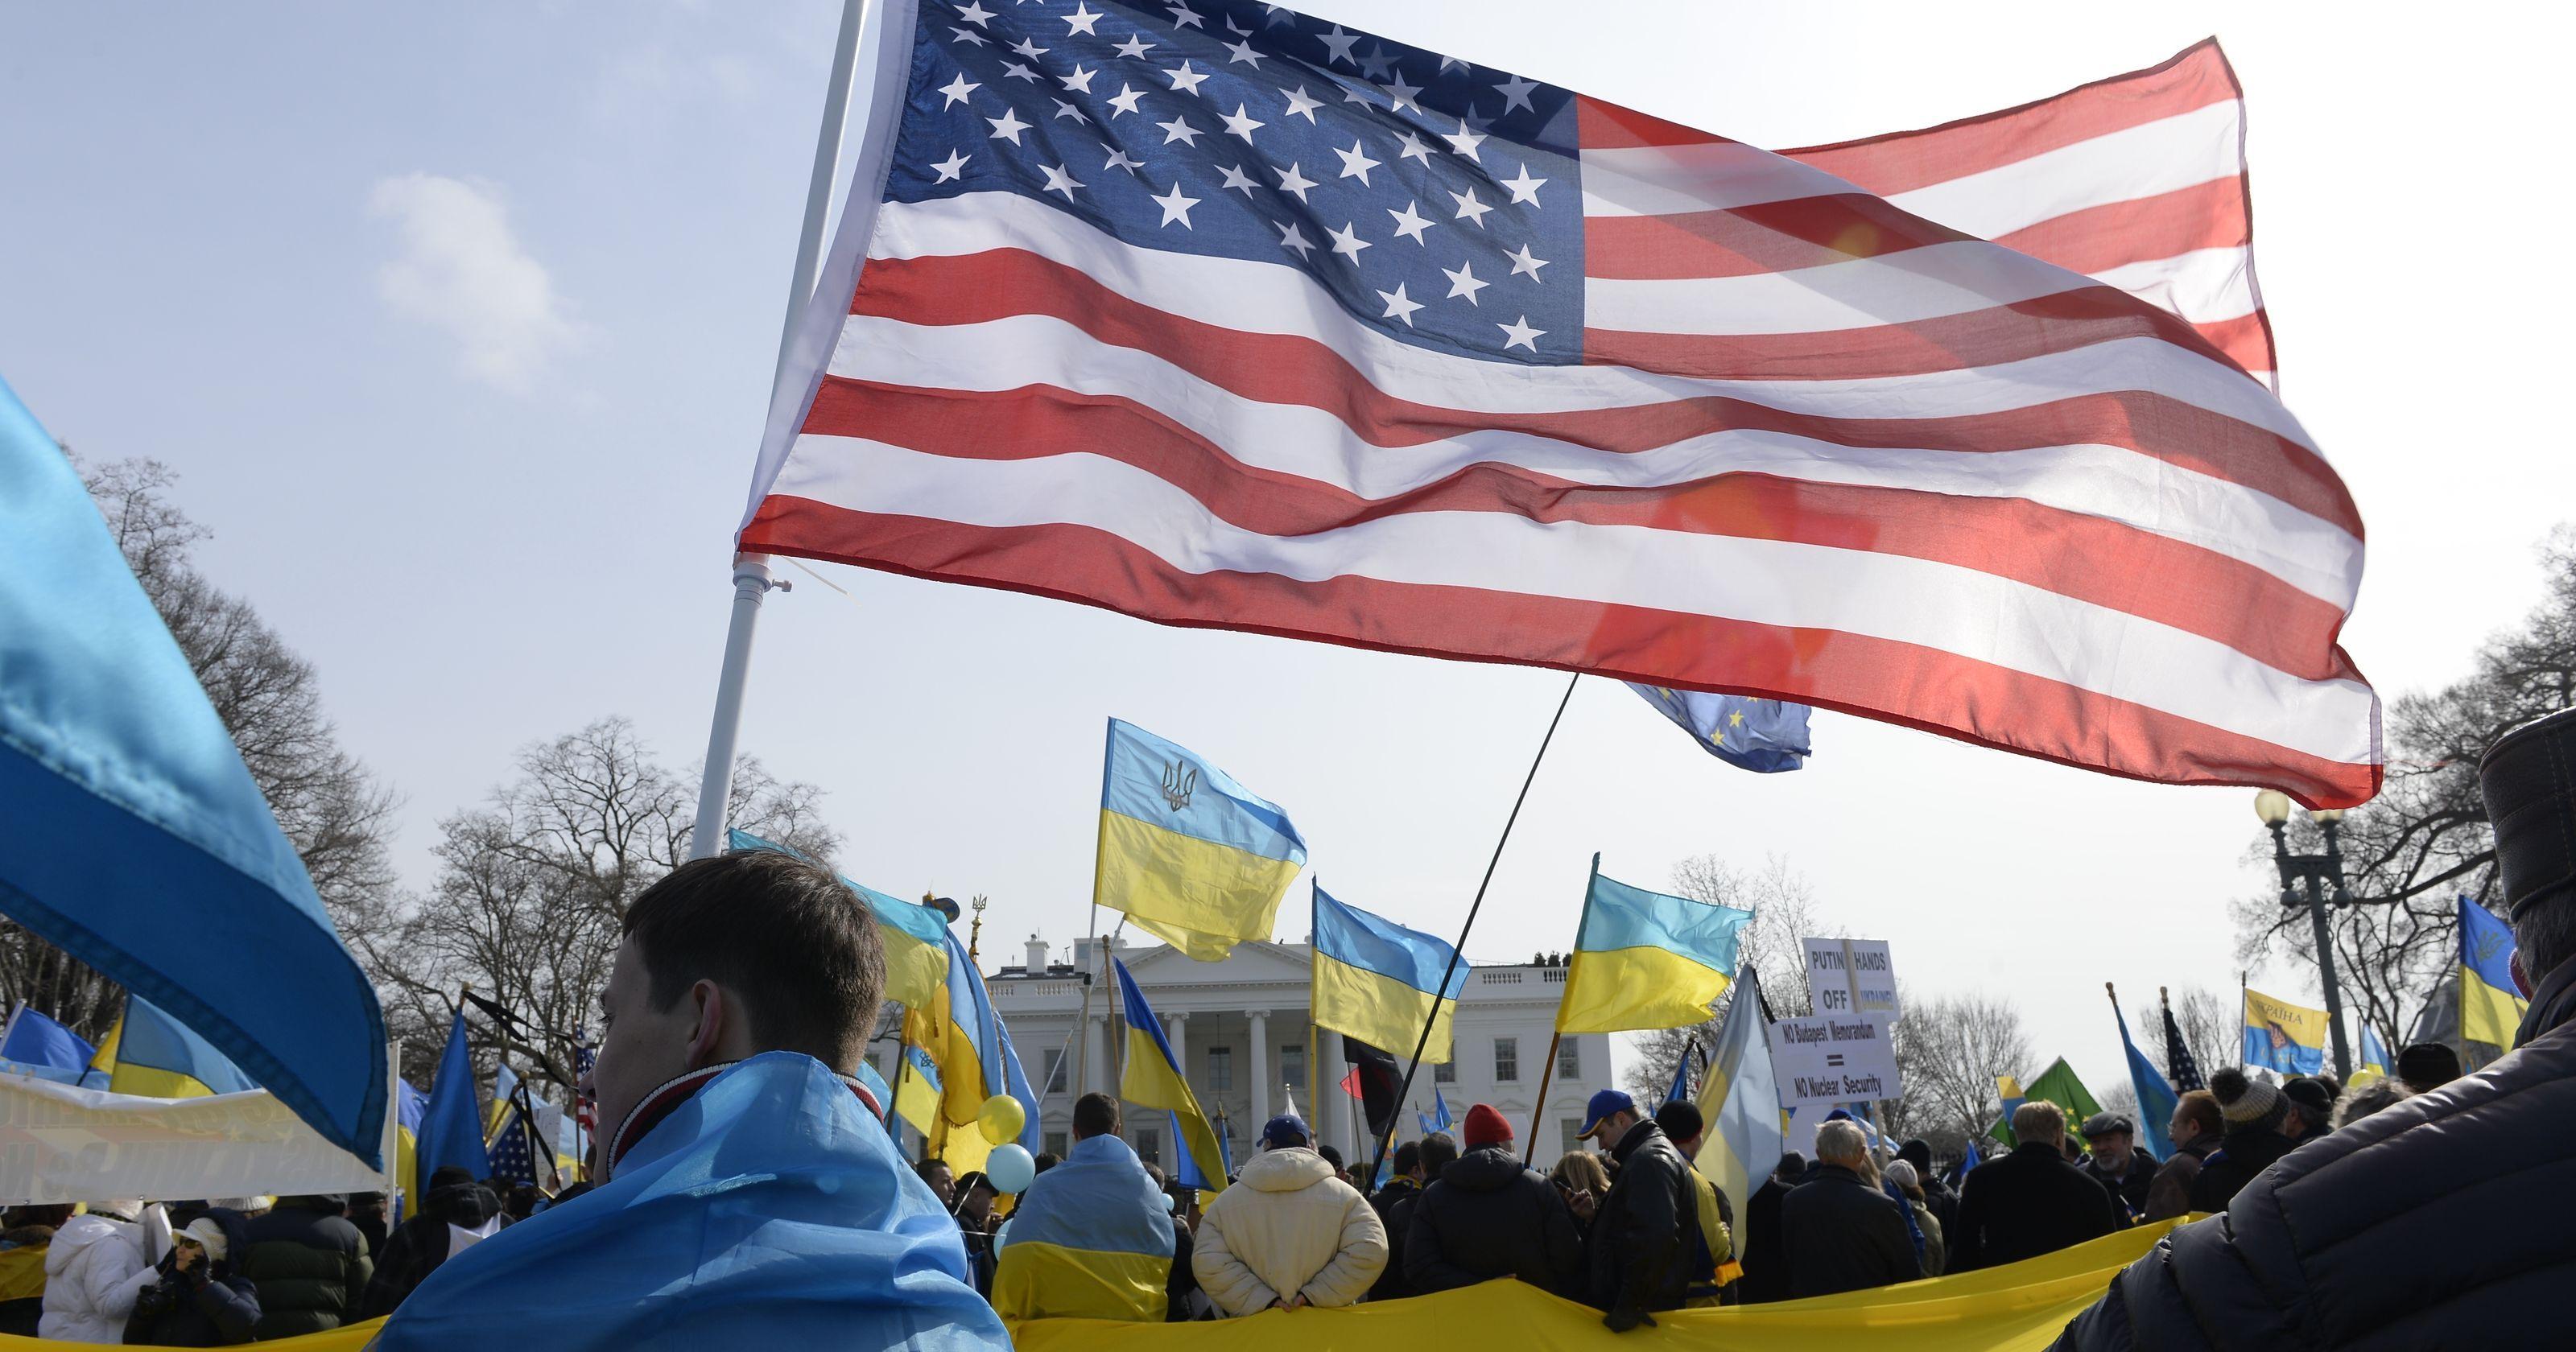 Colaborarea militară SUA-Ucraina, petcetluită prin livrarea sistemelor Javelin